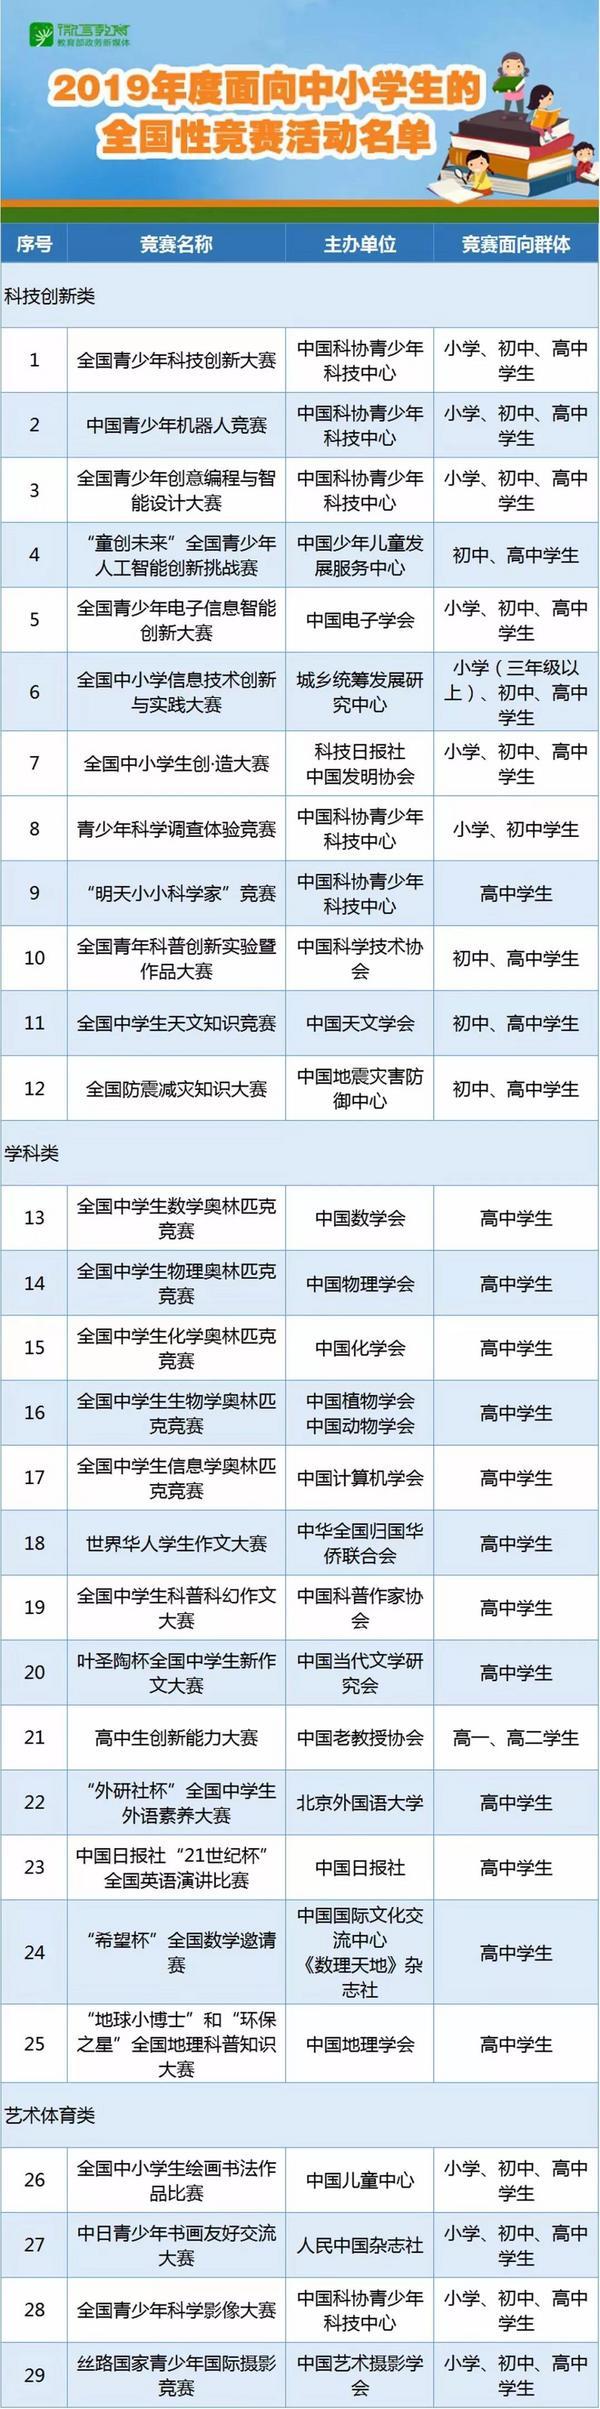 第十七届NOC大赛正式启动 | 韩端欢迎报名机器人越野赛